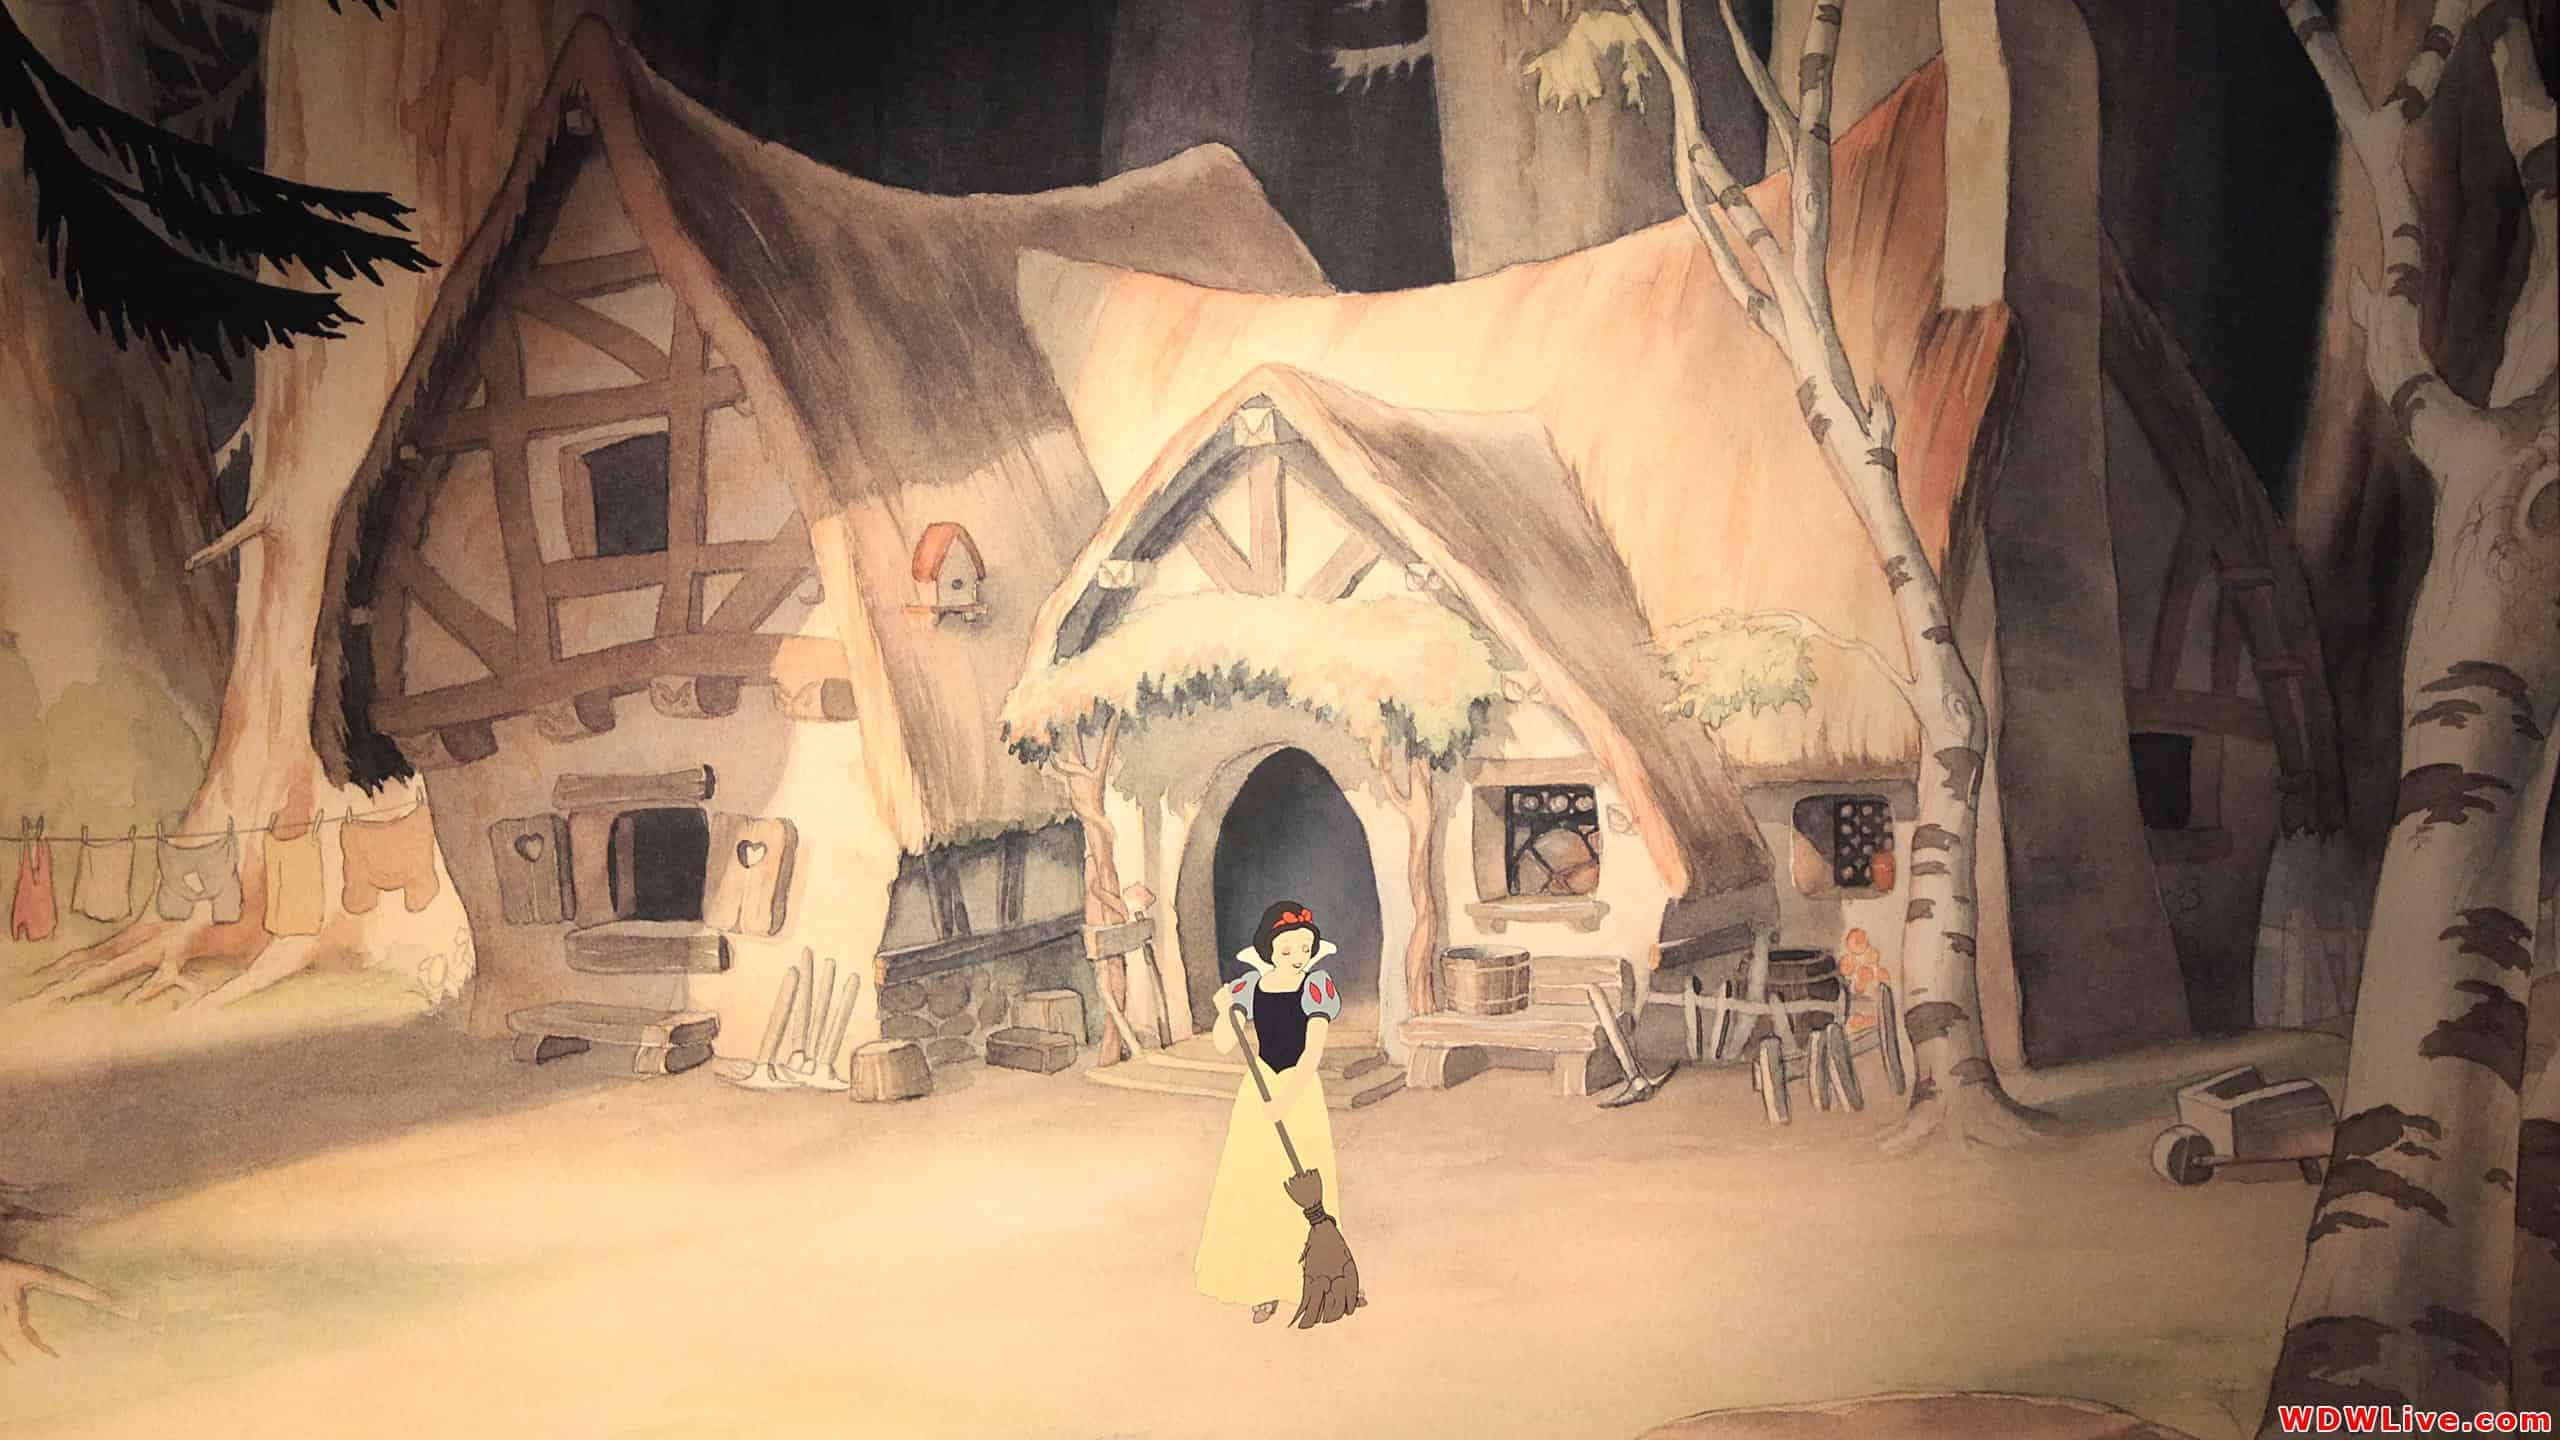 Casas de caricatura, La casa de los 7 enanos